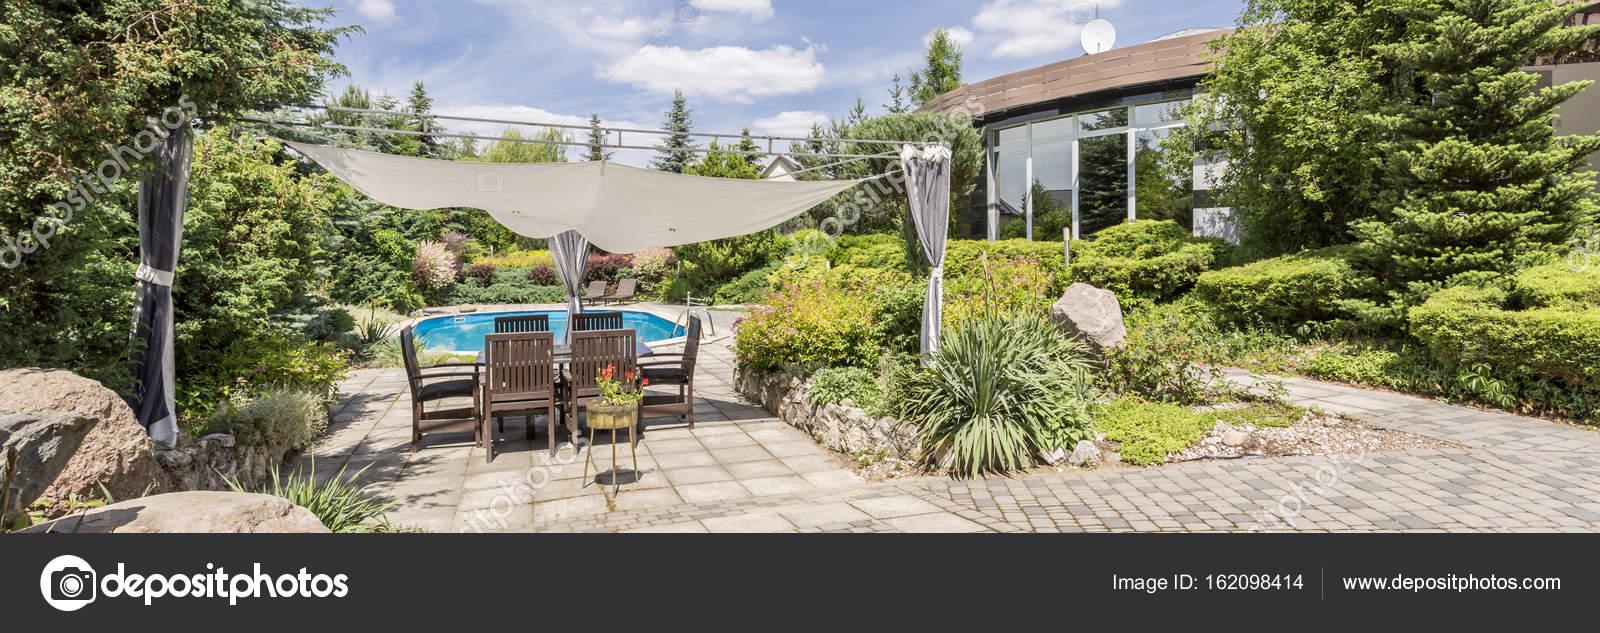 Verzauberkunst Garten Terrasse Das Beste Von Überdachung Im — Stockfoto